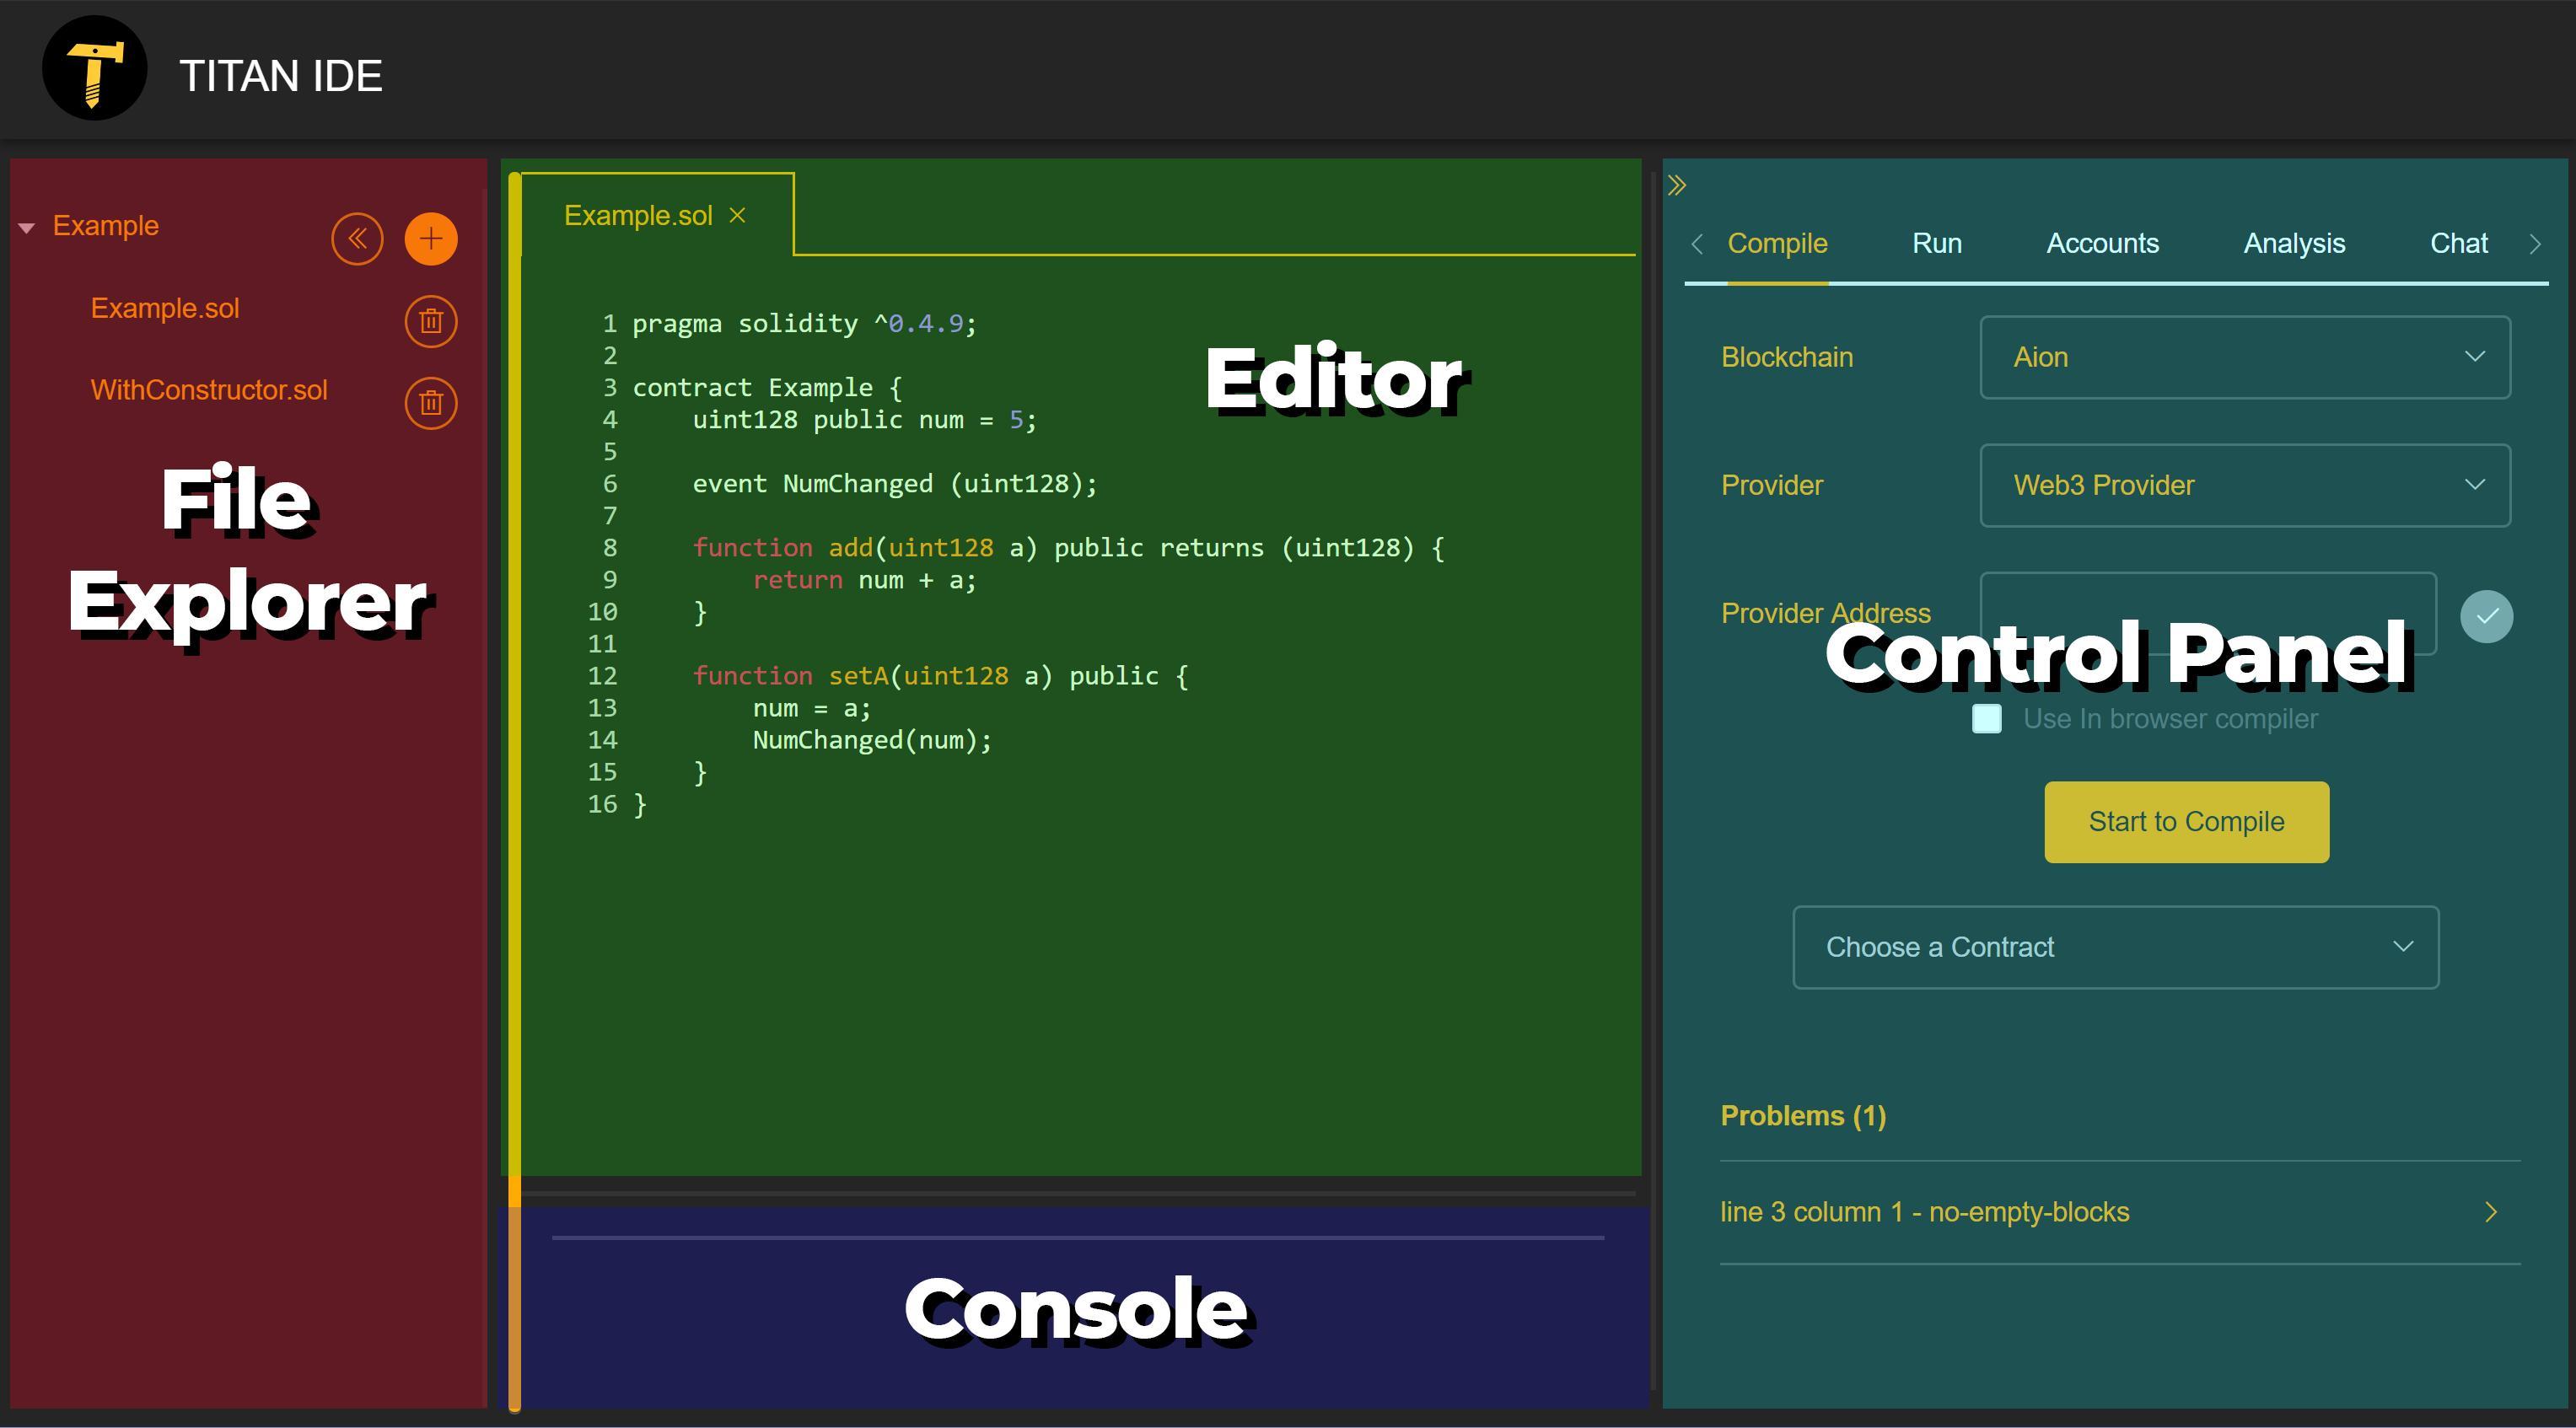 Titan IDE Components